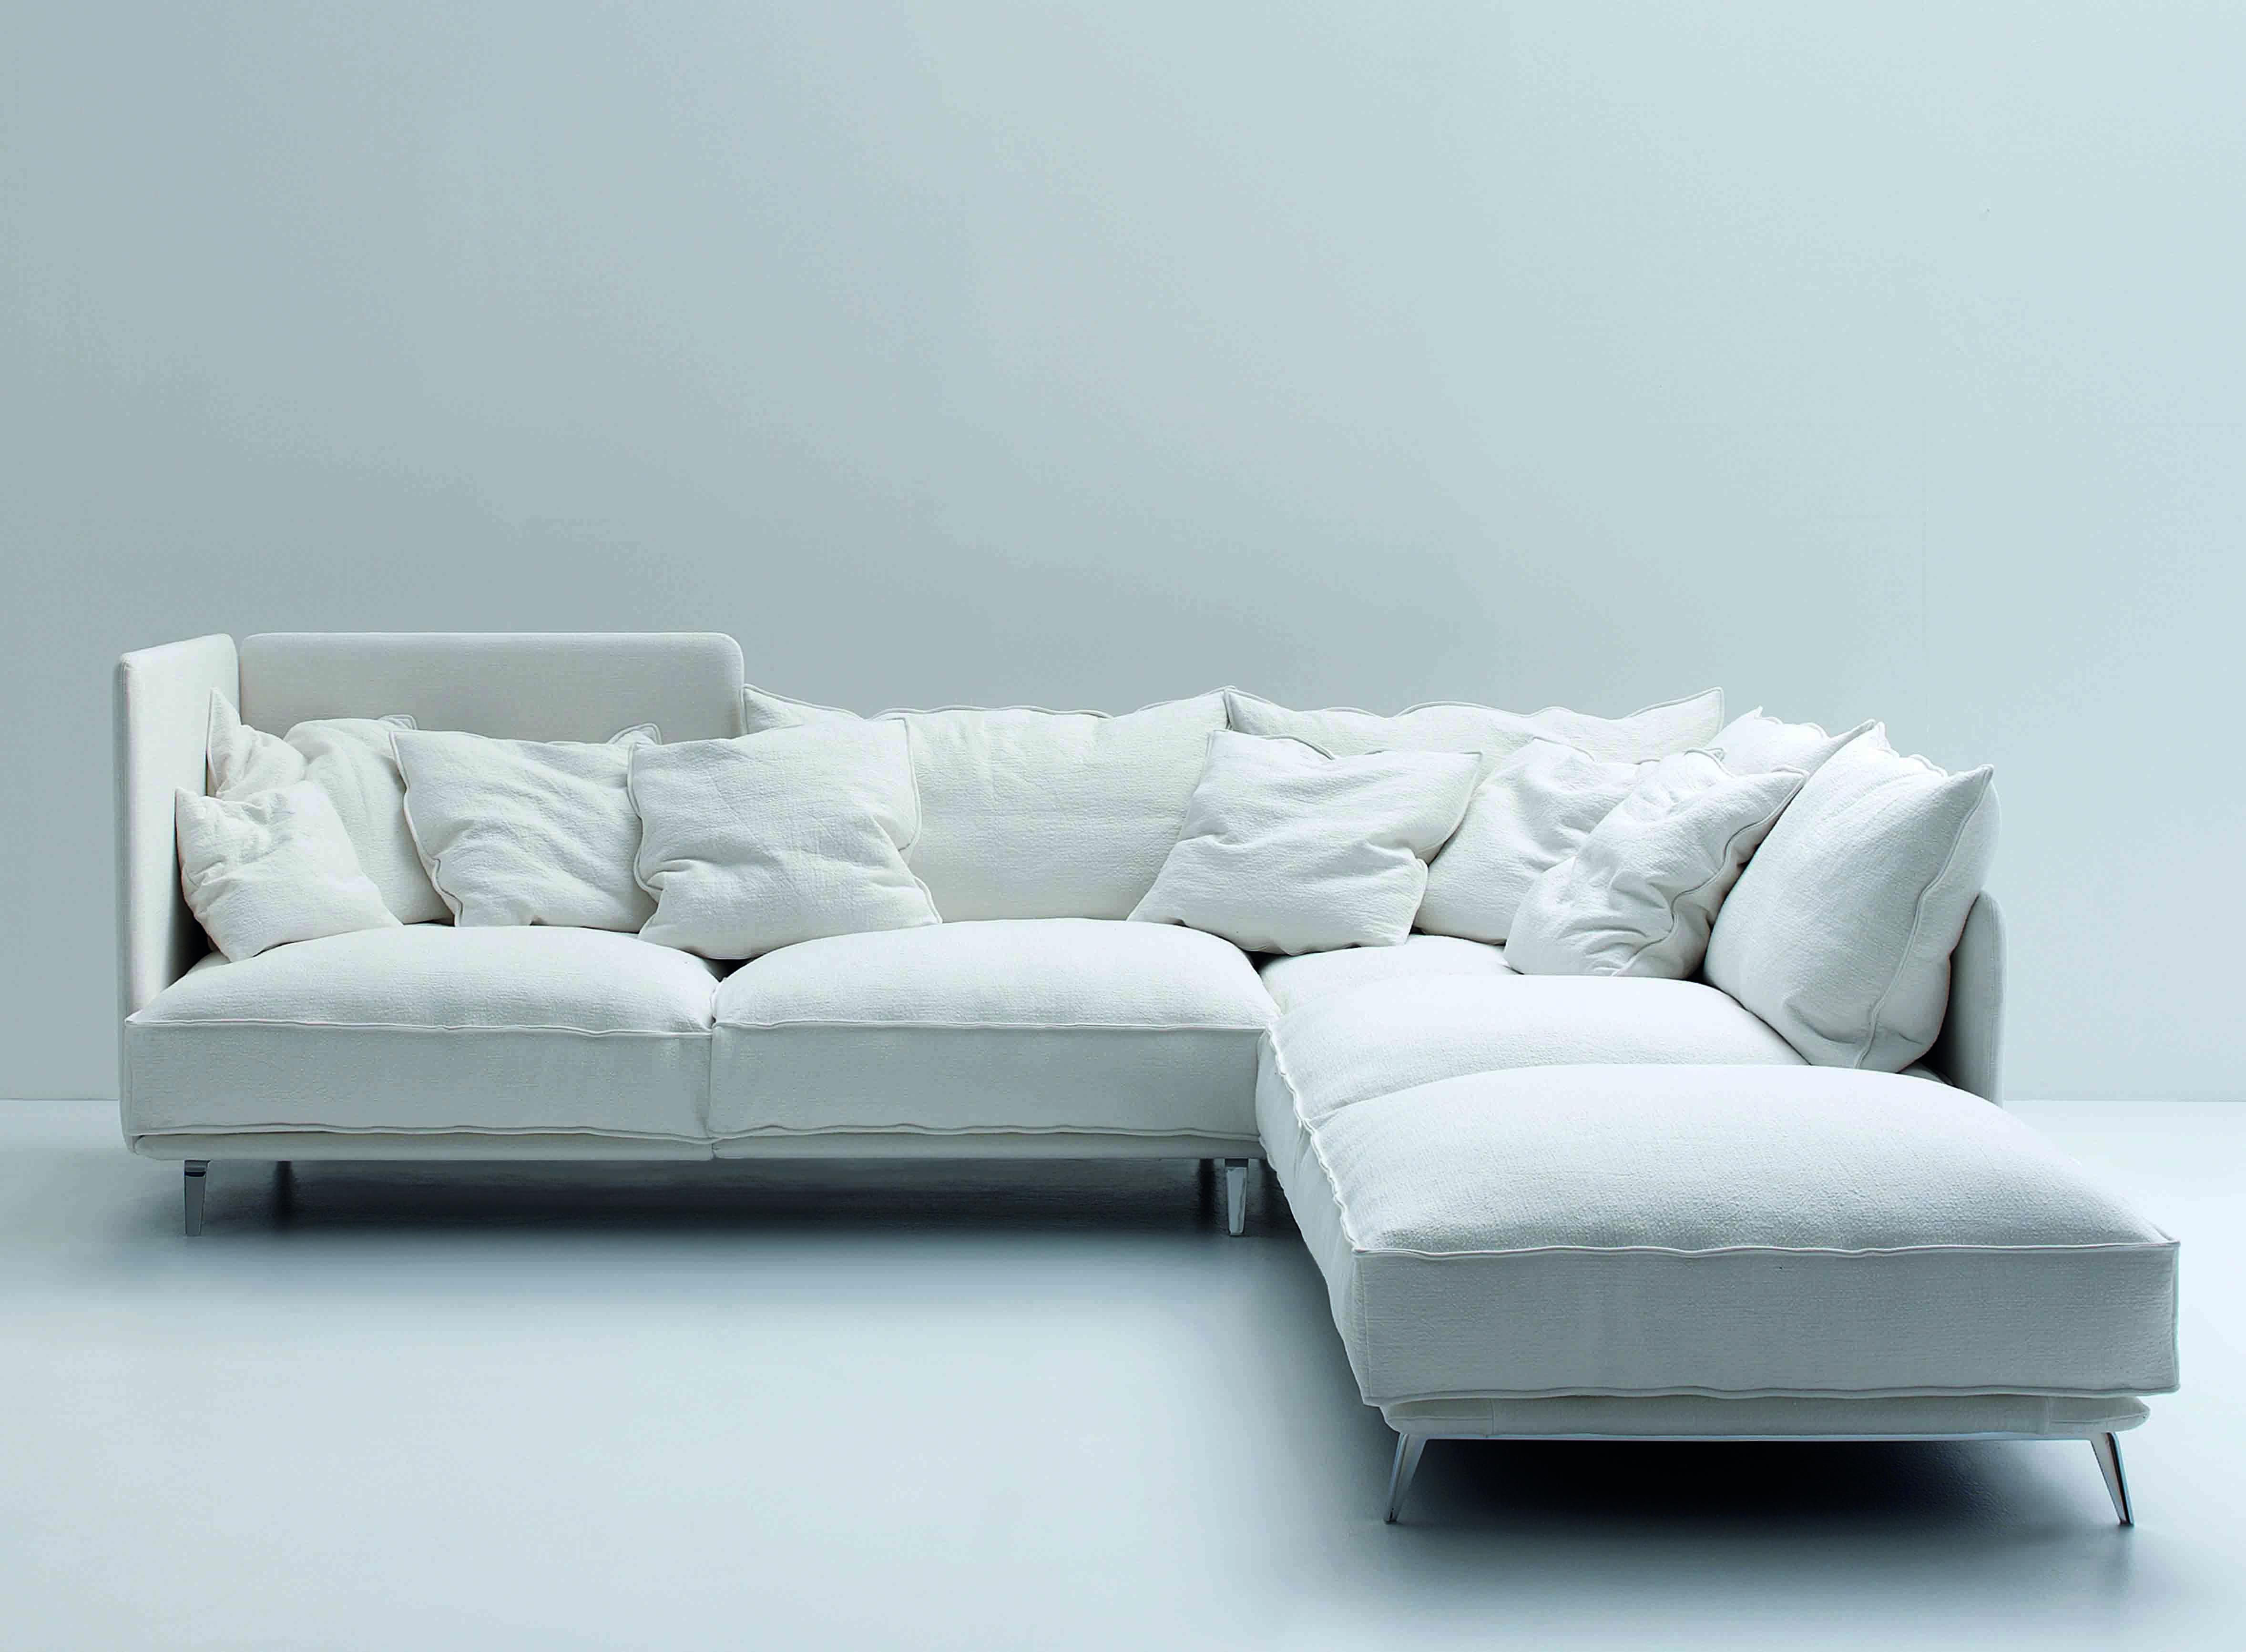 Special Sofa Design Special Design Sofa 2017 Creative ...